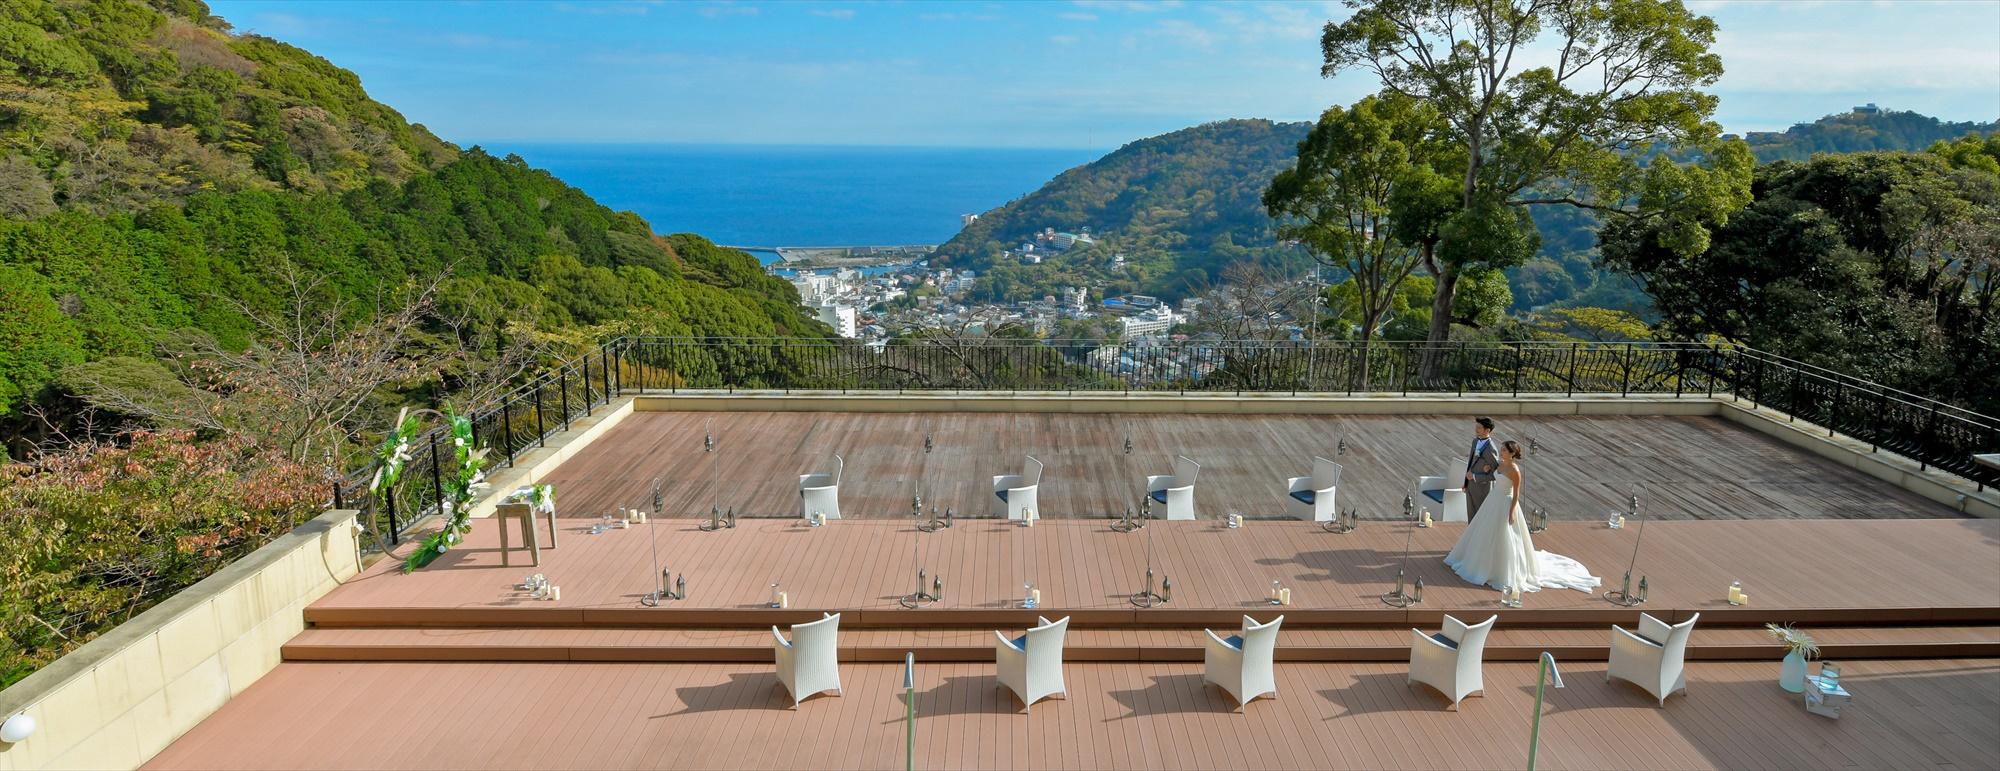 熱海結婚式 オーシャンビュー・デッキ Atami House Wedding Atami Spa & Resort 熱海スパ&リゾート 一棟貸切ウェディング